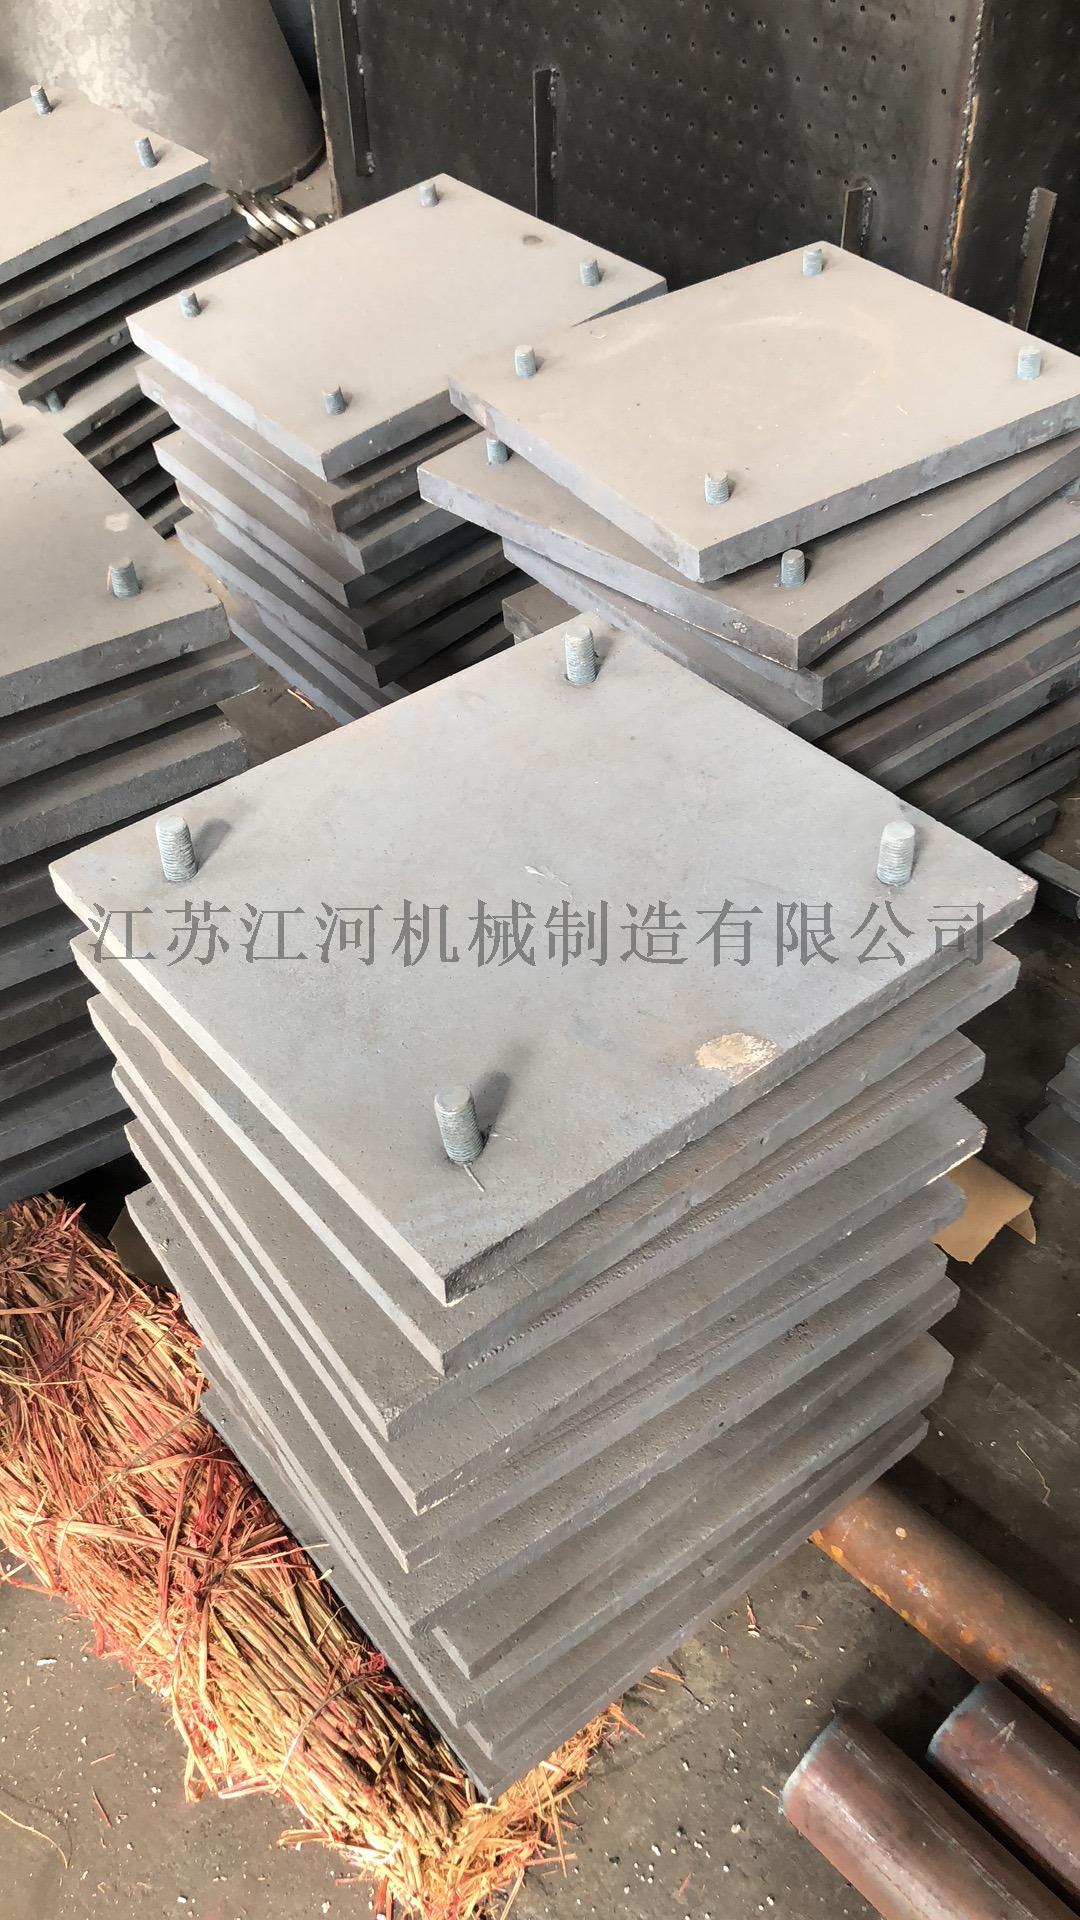 陝西 聚氨酯襯板 高鉻耐磨襯板 江蘇江河機械853220455